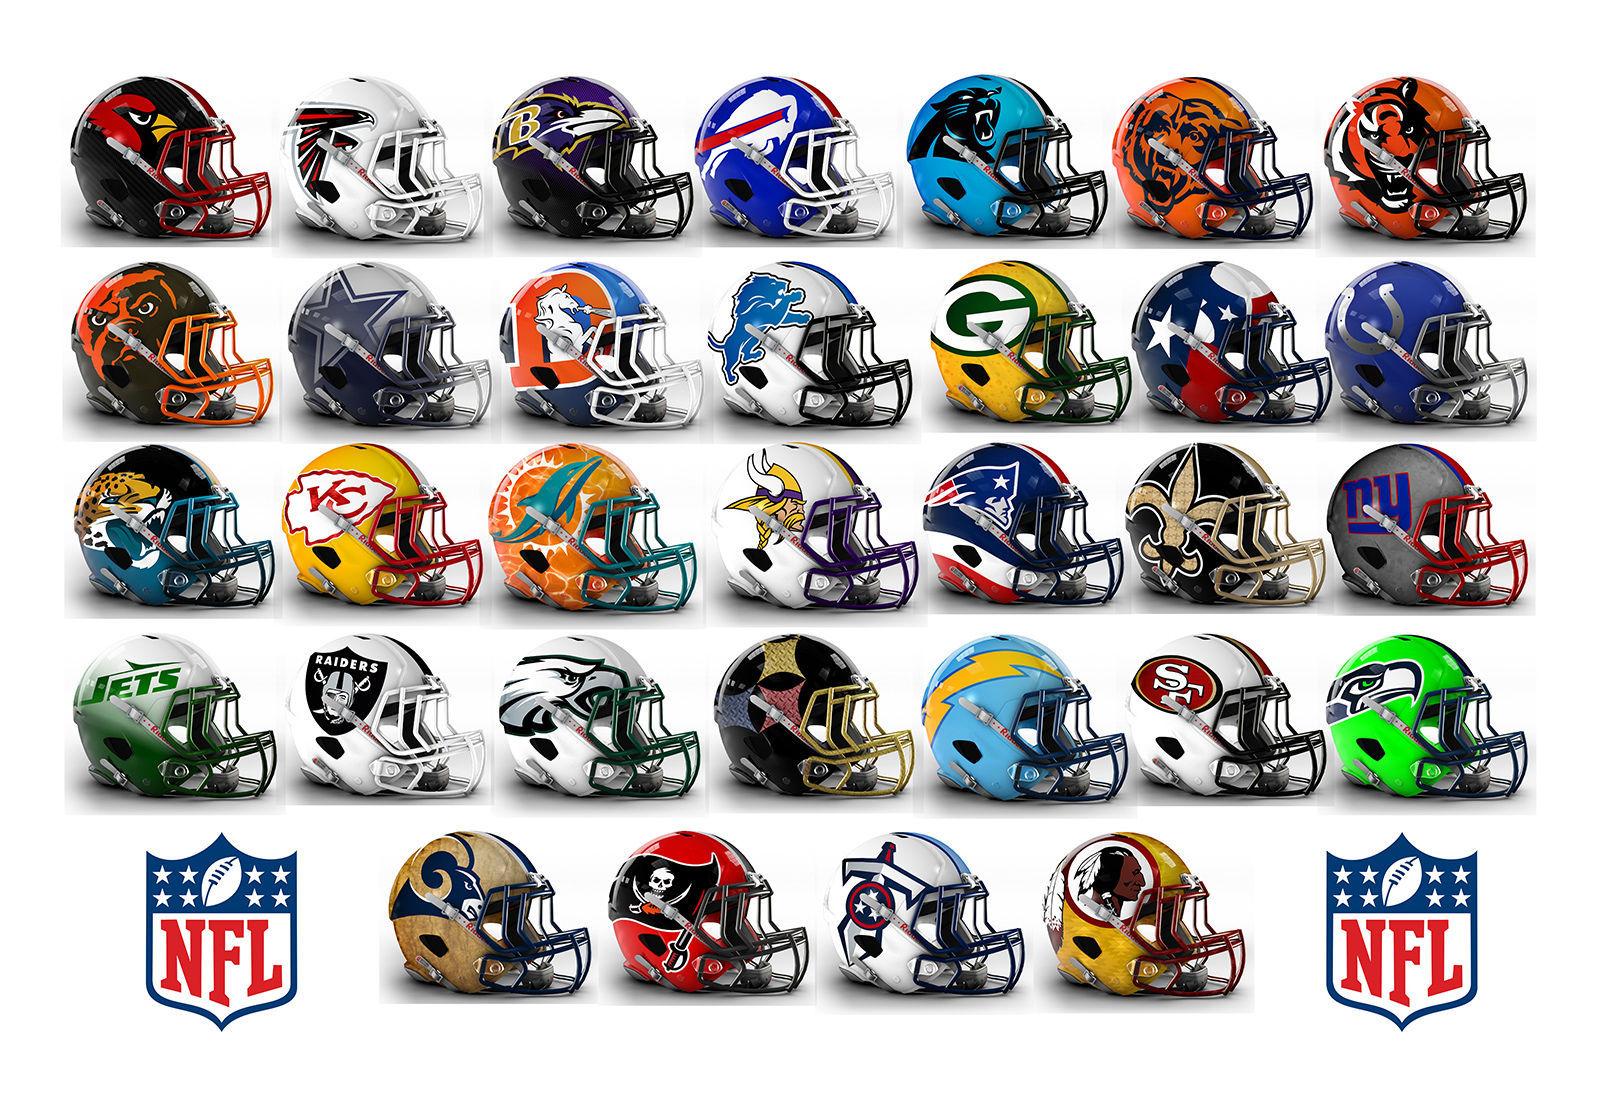 Viralízalo   ¿Serás capaz de identificar estos equipos de NFL por el ... 8c8db9f0495